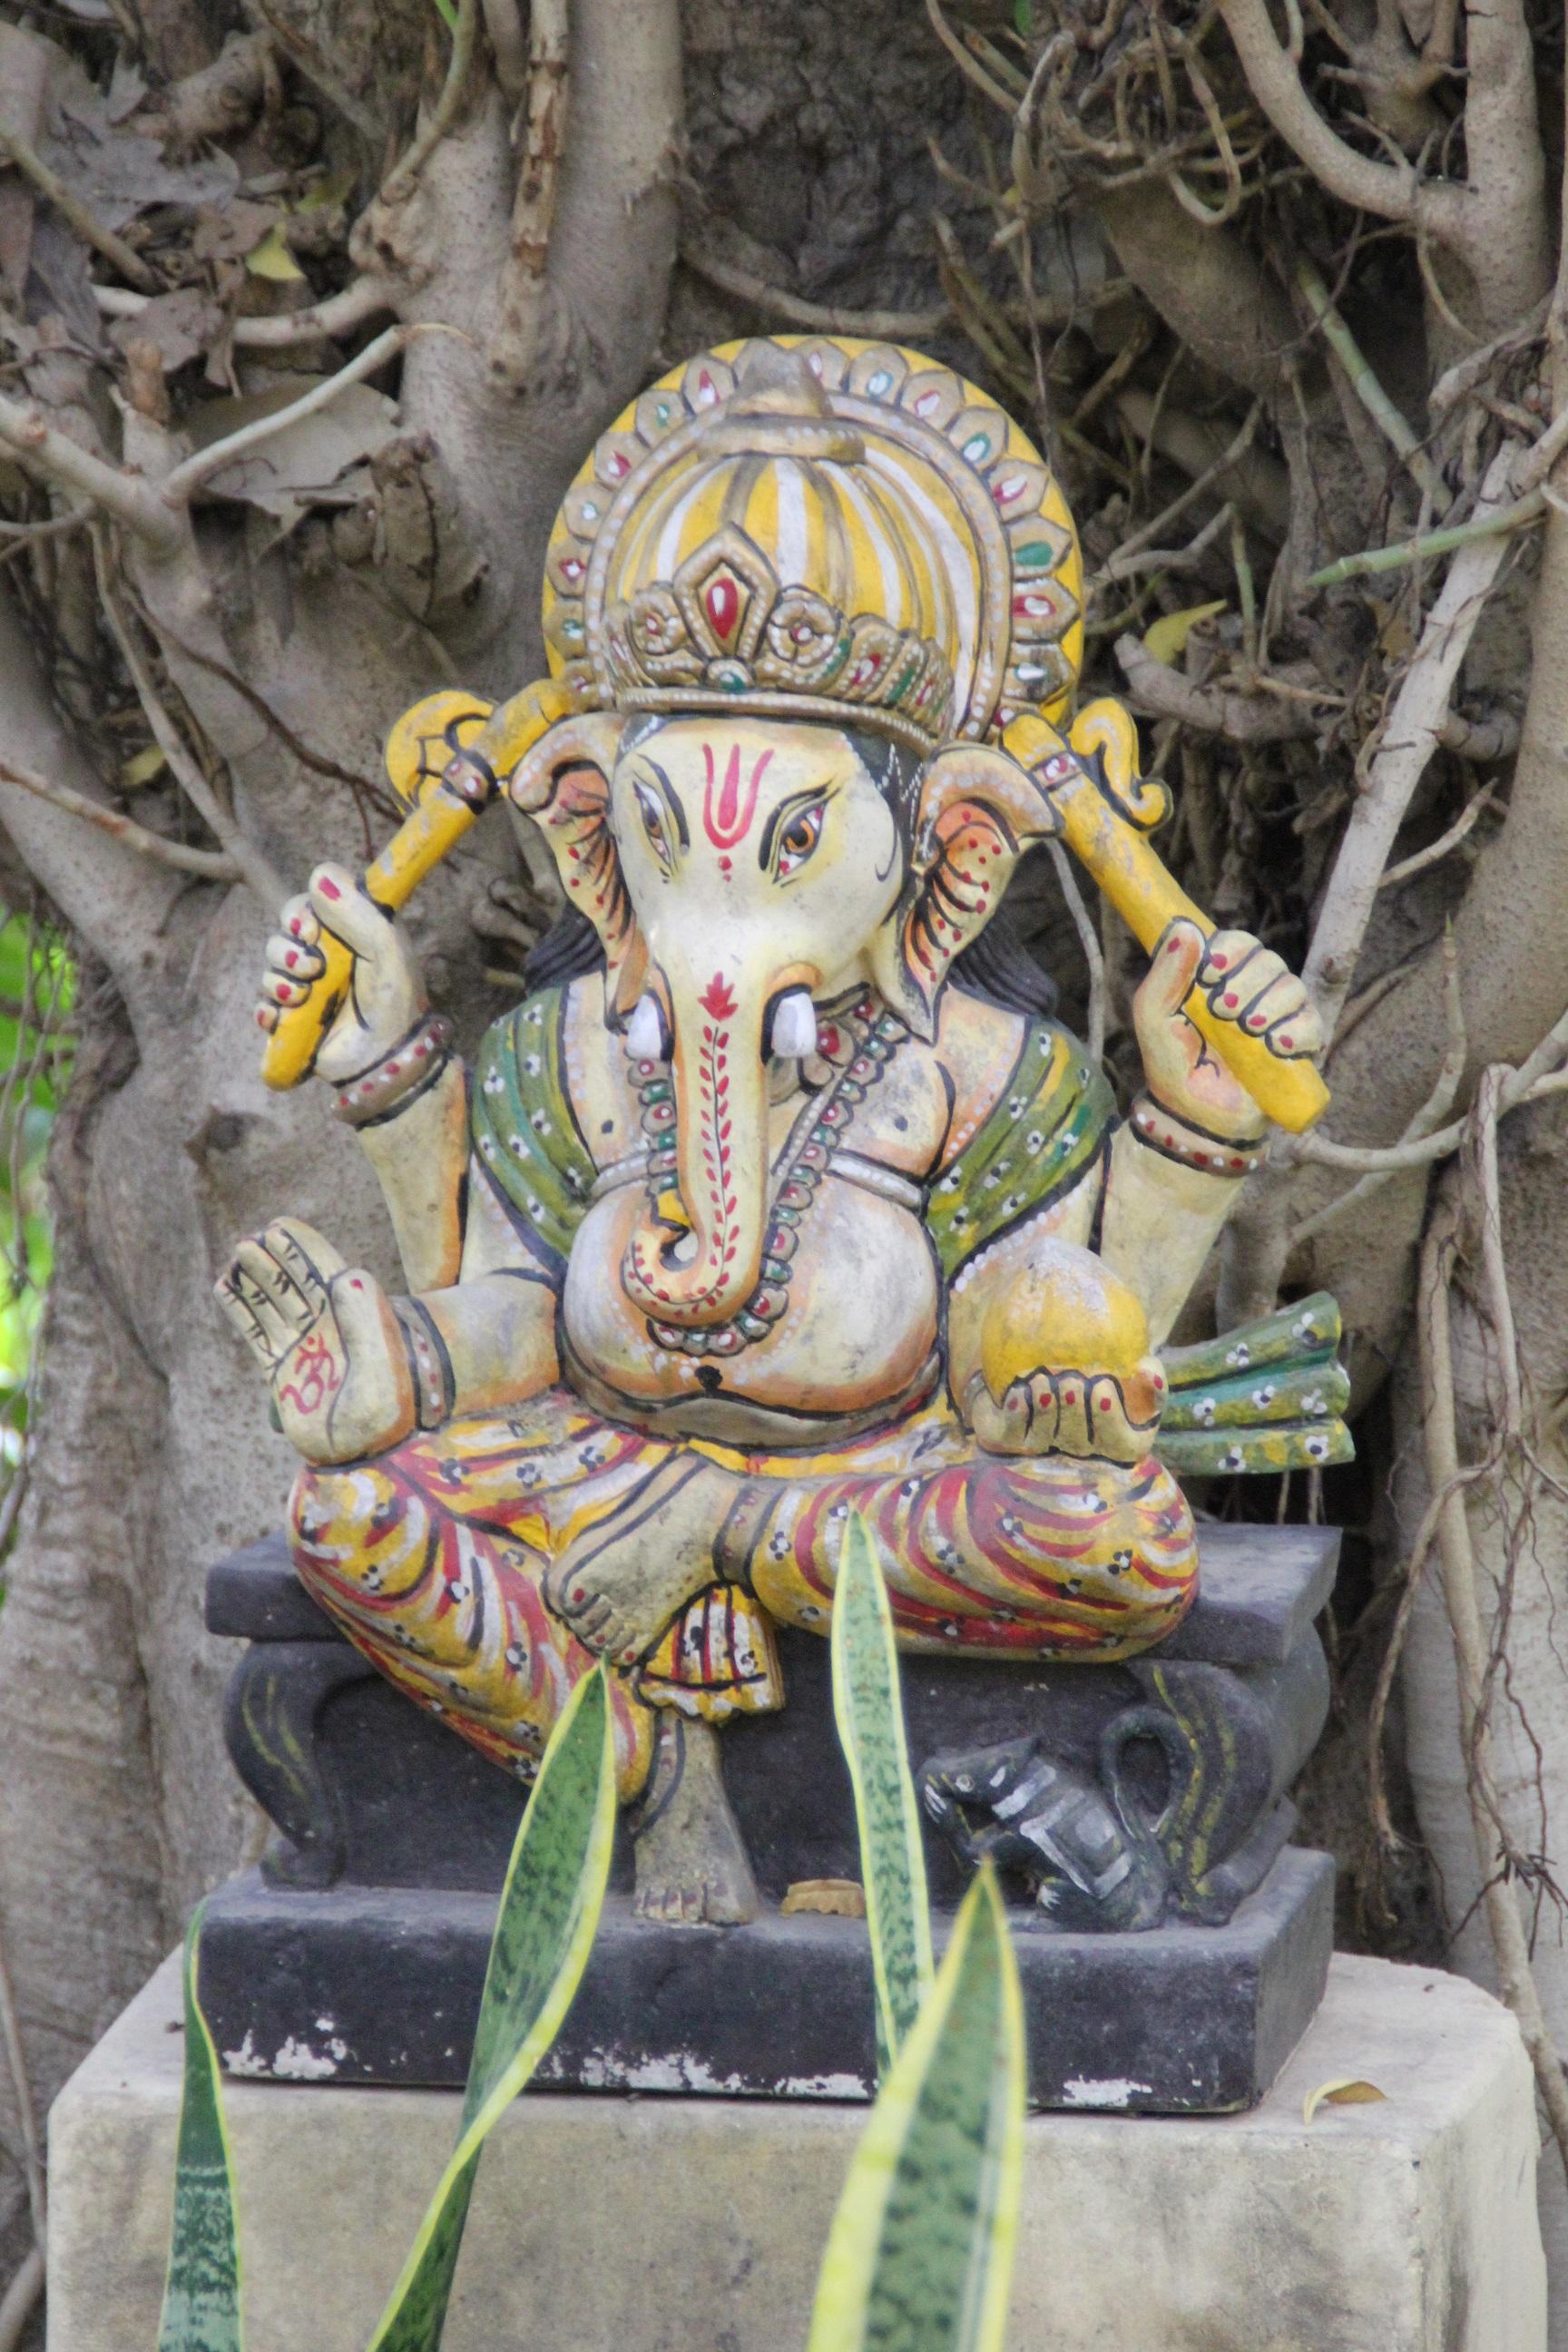 Ganesh (de god met het olifantshoofd) is de god van kennis en wijsheid, neemt hindernissen weg en is de beschermer van reizigers. Hindoes bidden tot Ganesha vóór ze aan iets nieuws beginnen, bijvoorbeeld een verhuizing of een nieuwe baan.